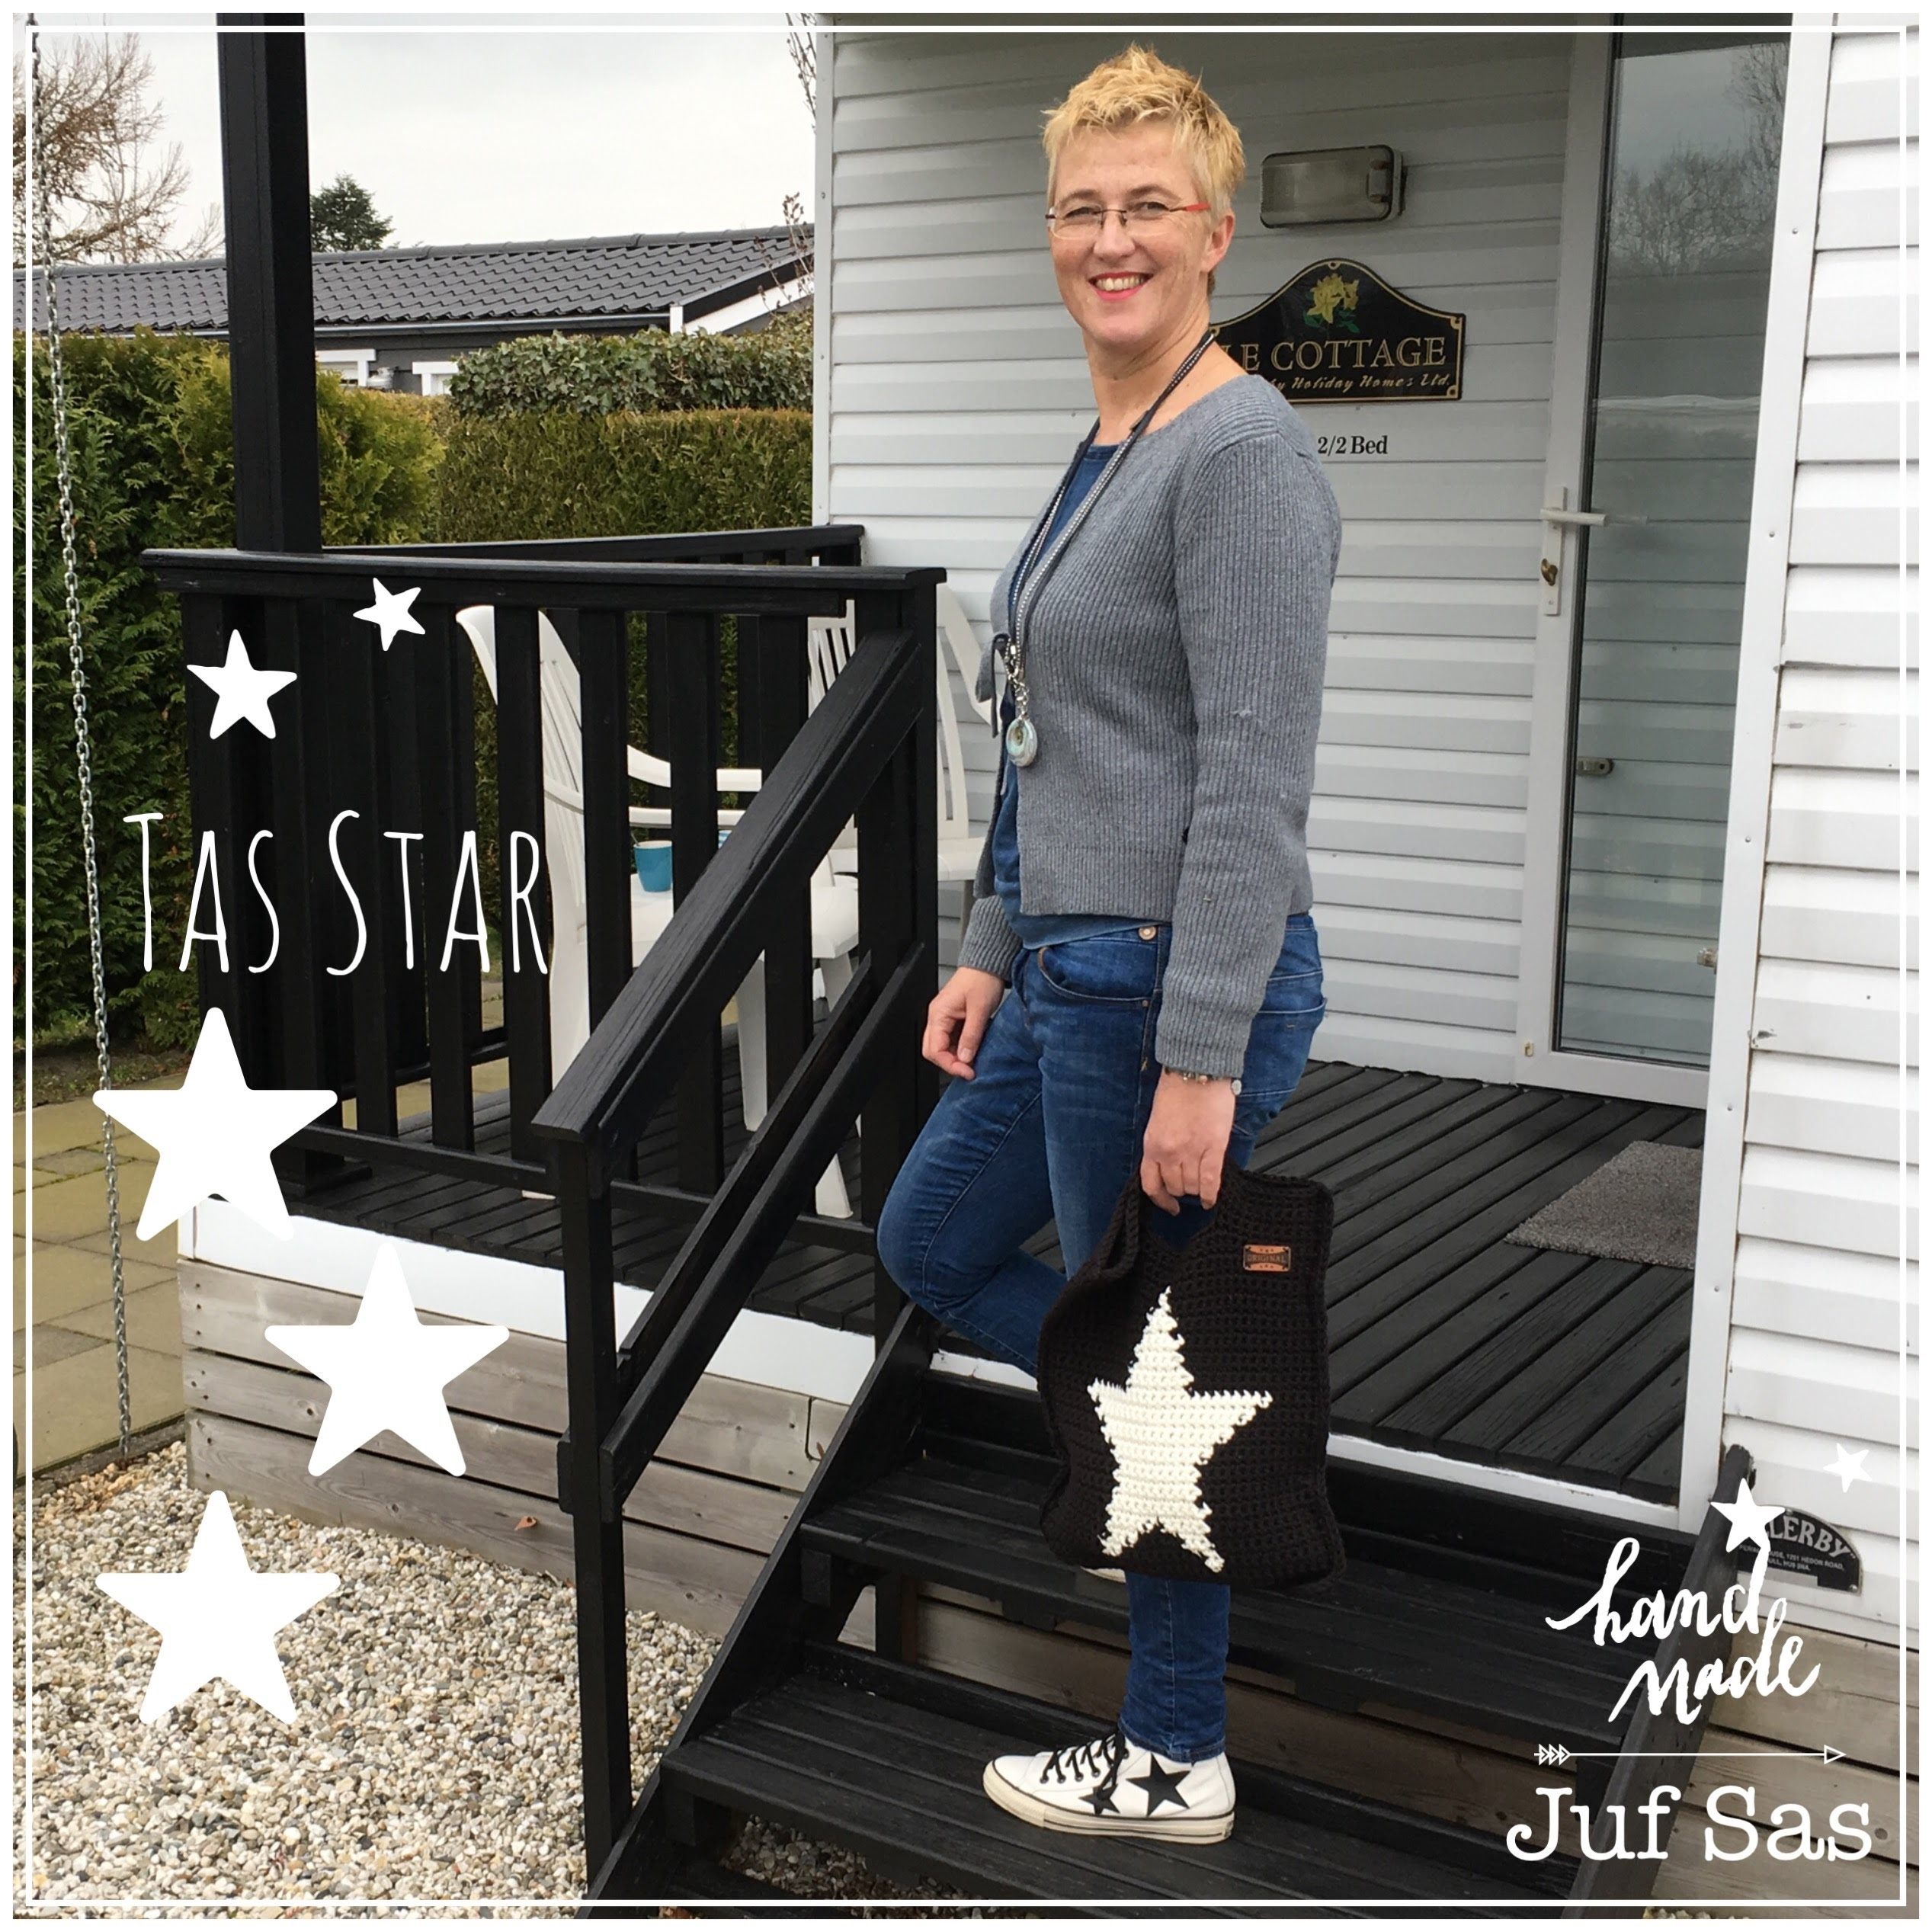 Tas STAR